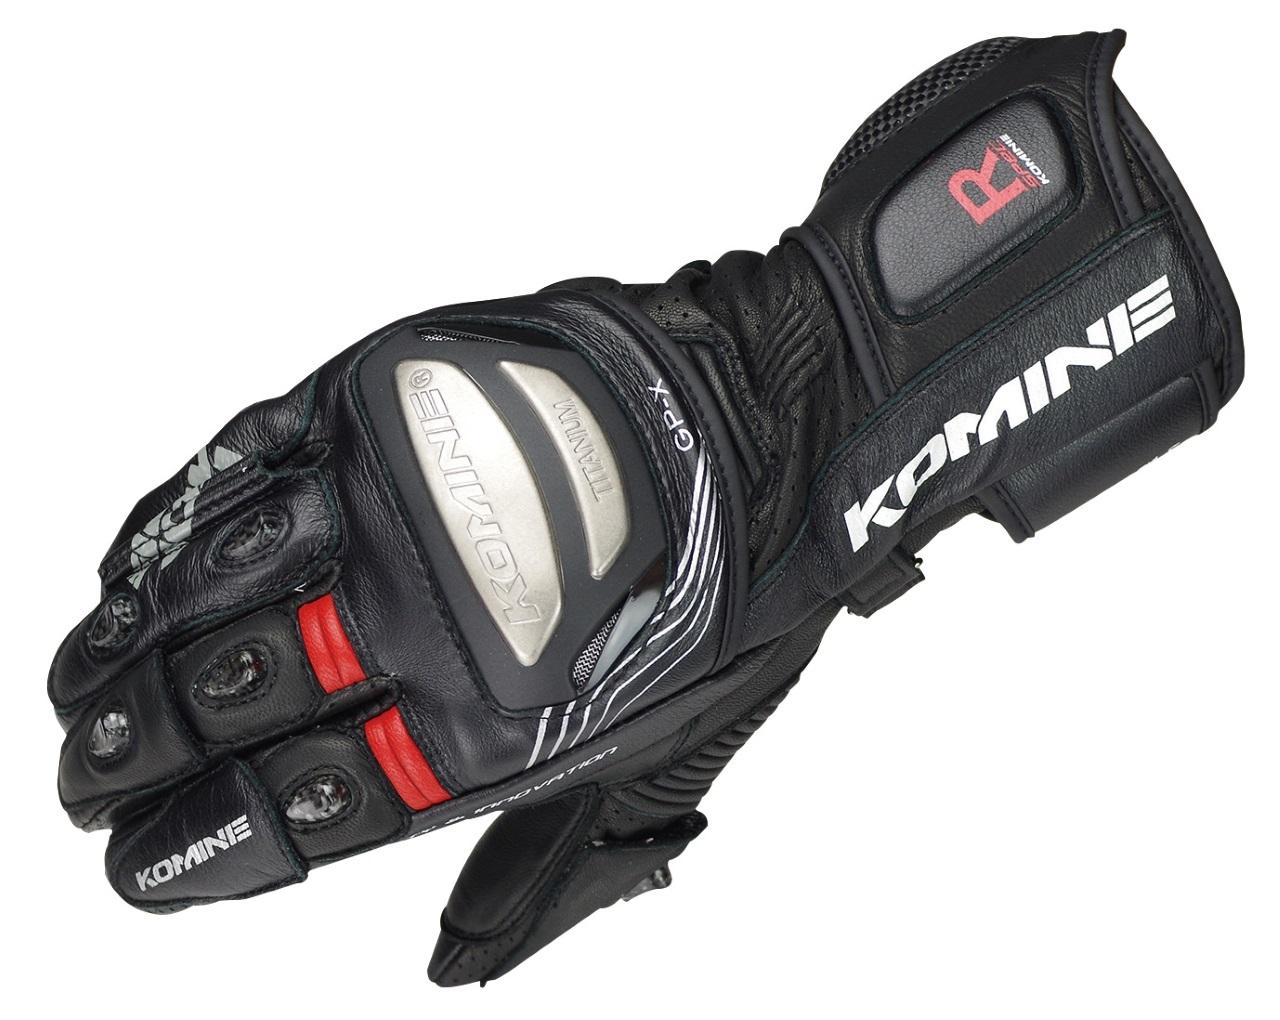 GK-212 Titanium RACING Gloves